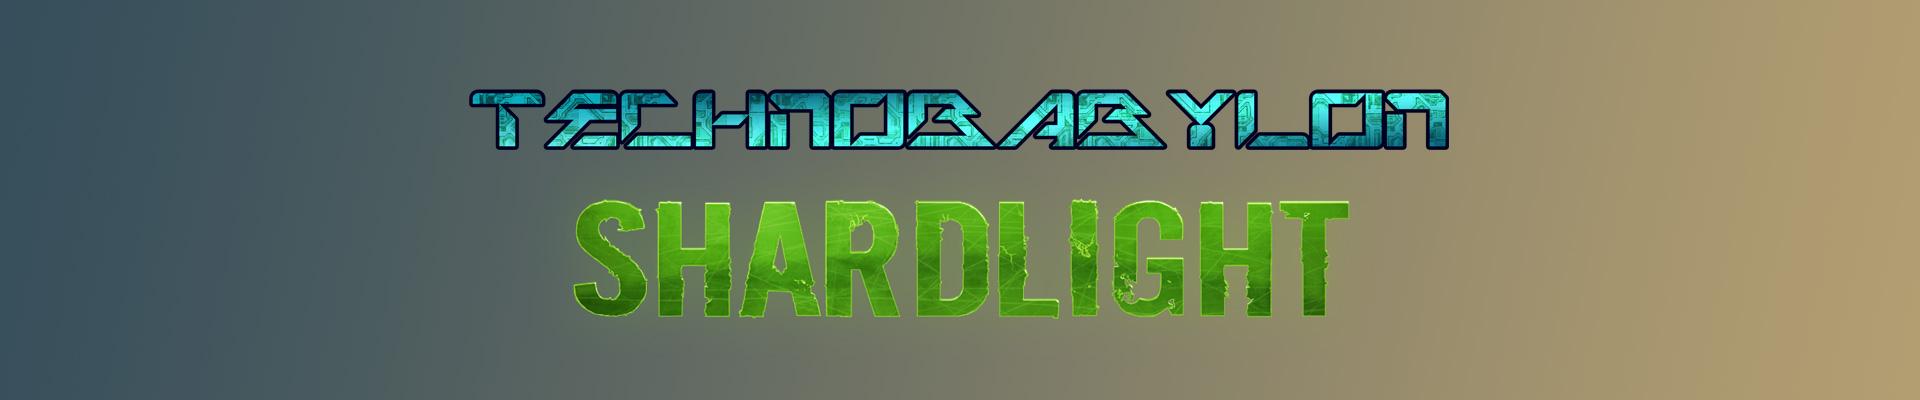 Thoughts on: Technobabylon and Shardlight